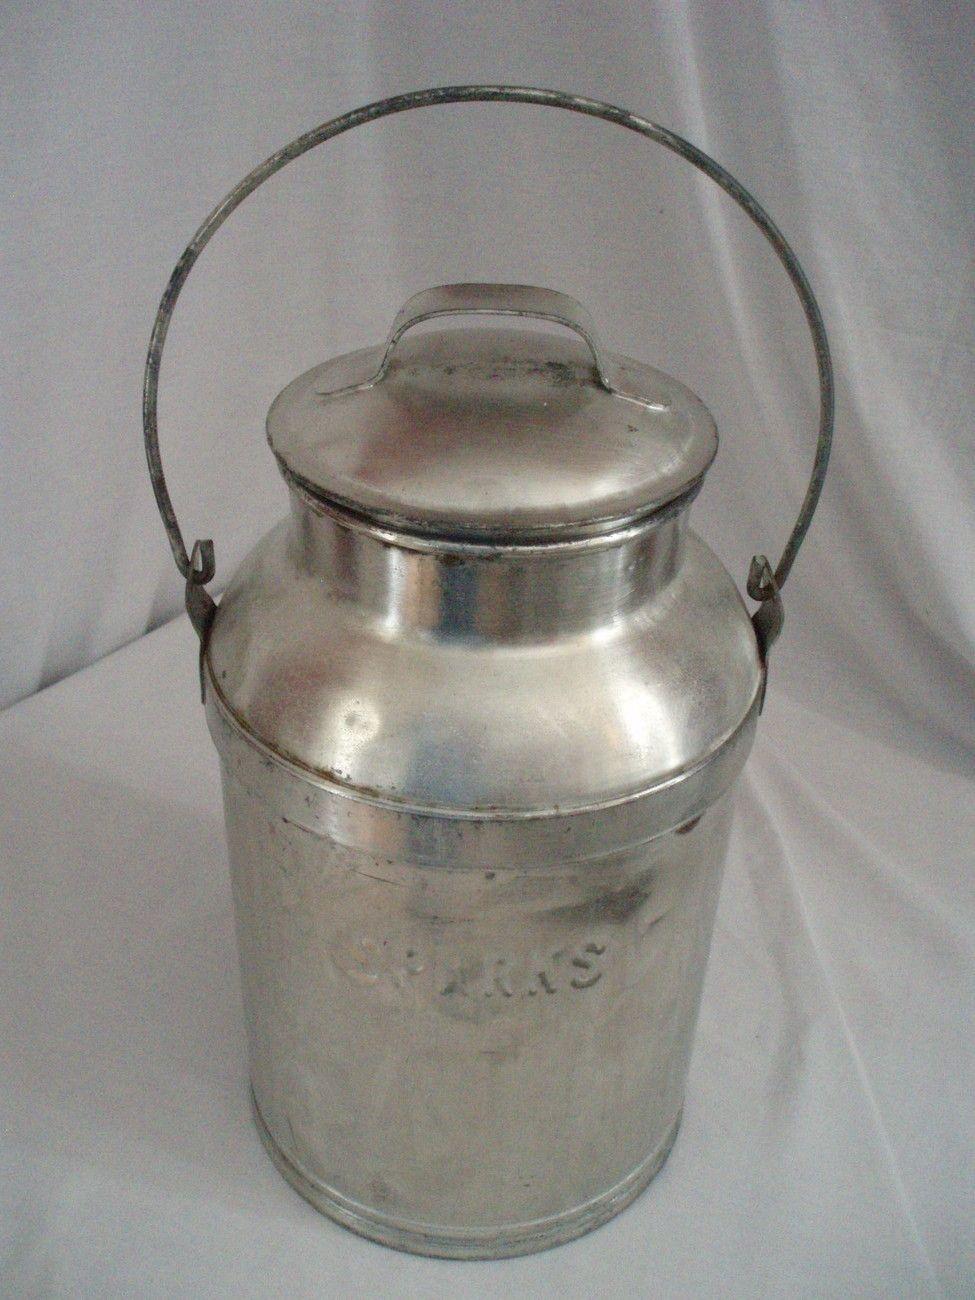 Vintage 3 Gal Metal Dairy Farm Milk Can Container Sparks Old Milk Cans Vintage Milk Can Milk Cans